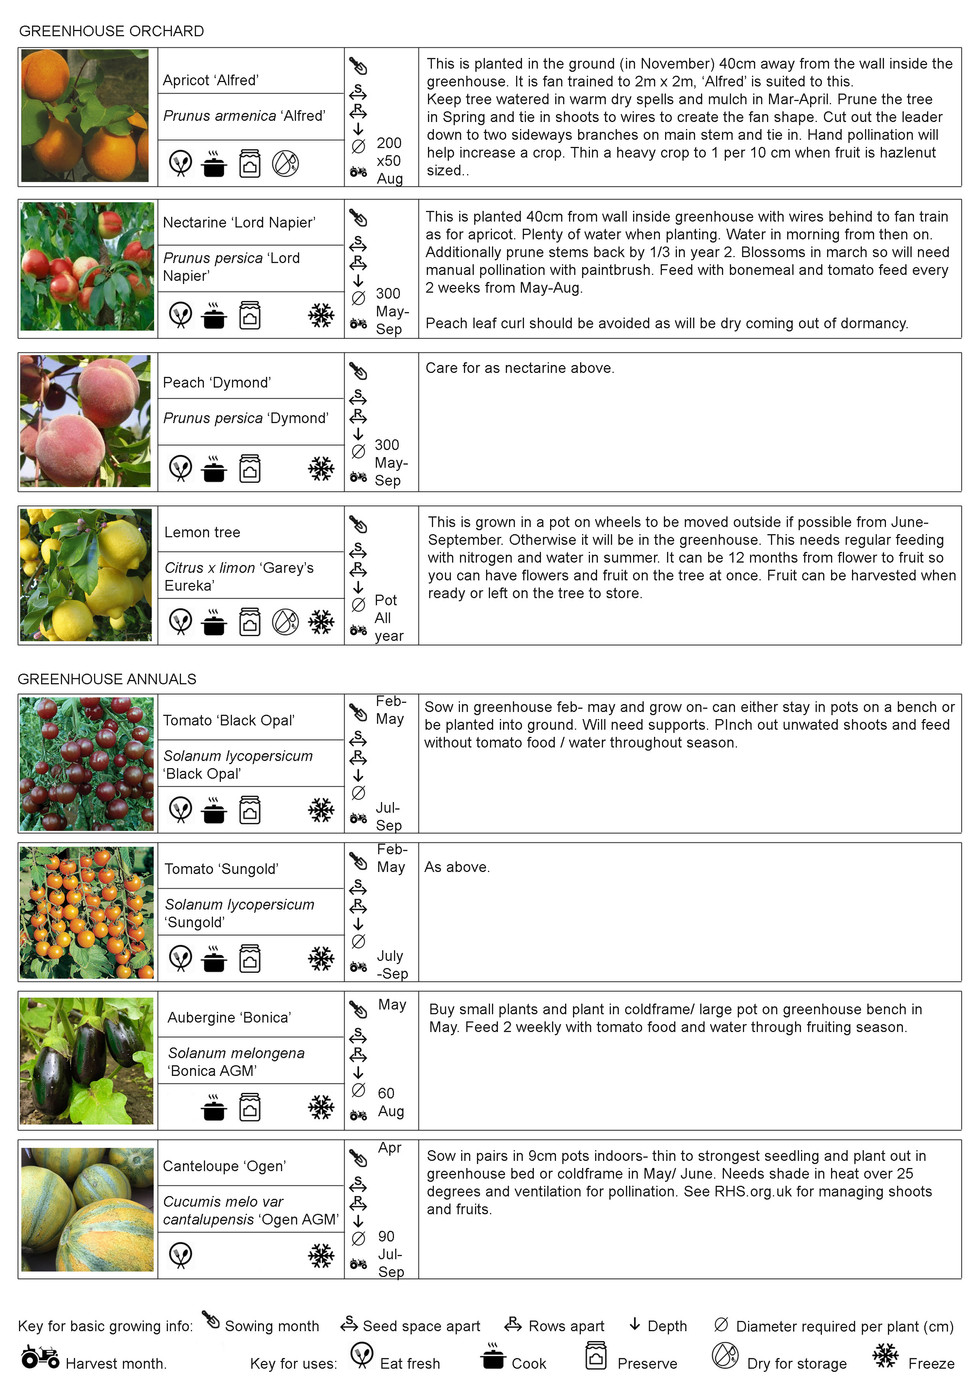 8 herbs annuals.jpg